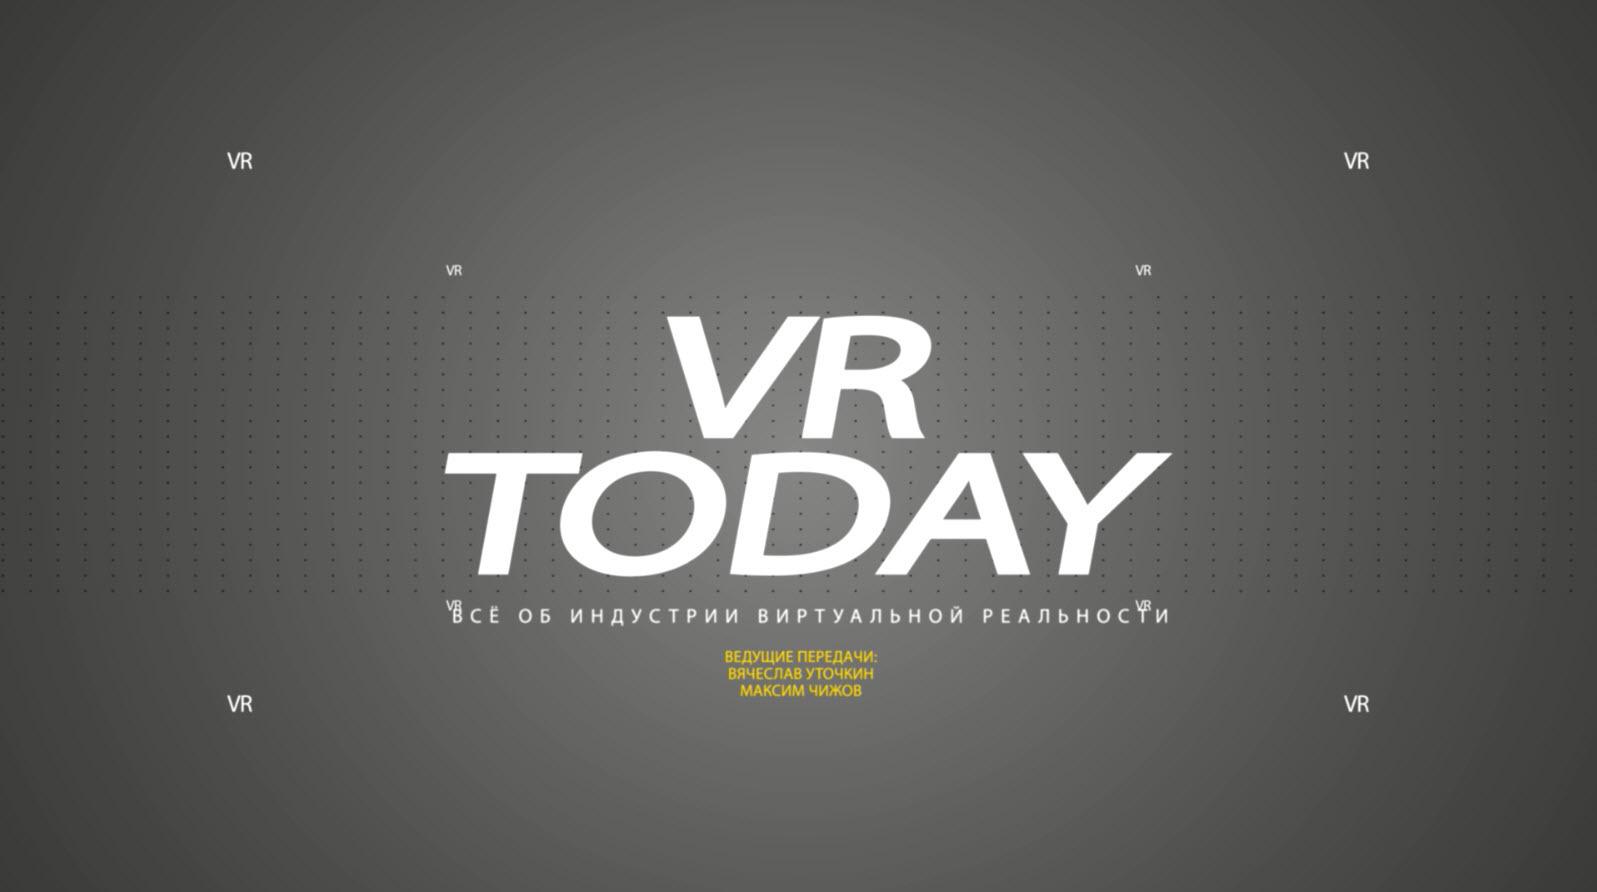 VRToday — Всё об индустрии виртуальной реальности. Выпуск #1 - 1